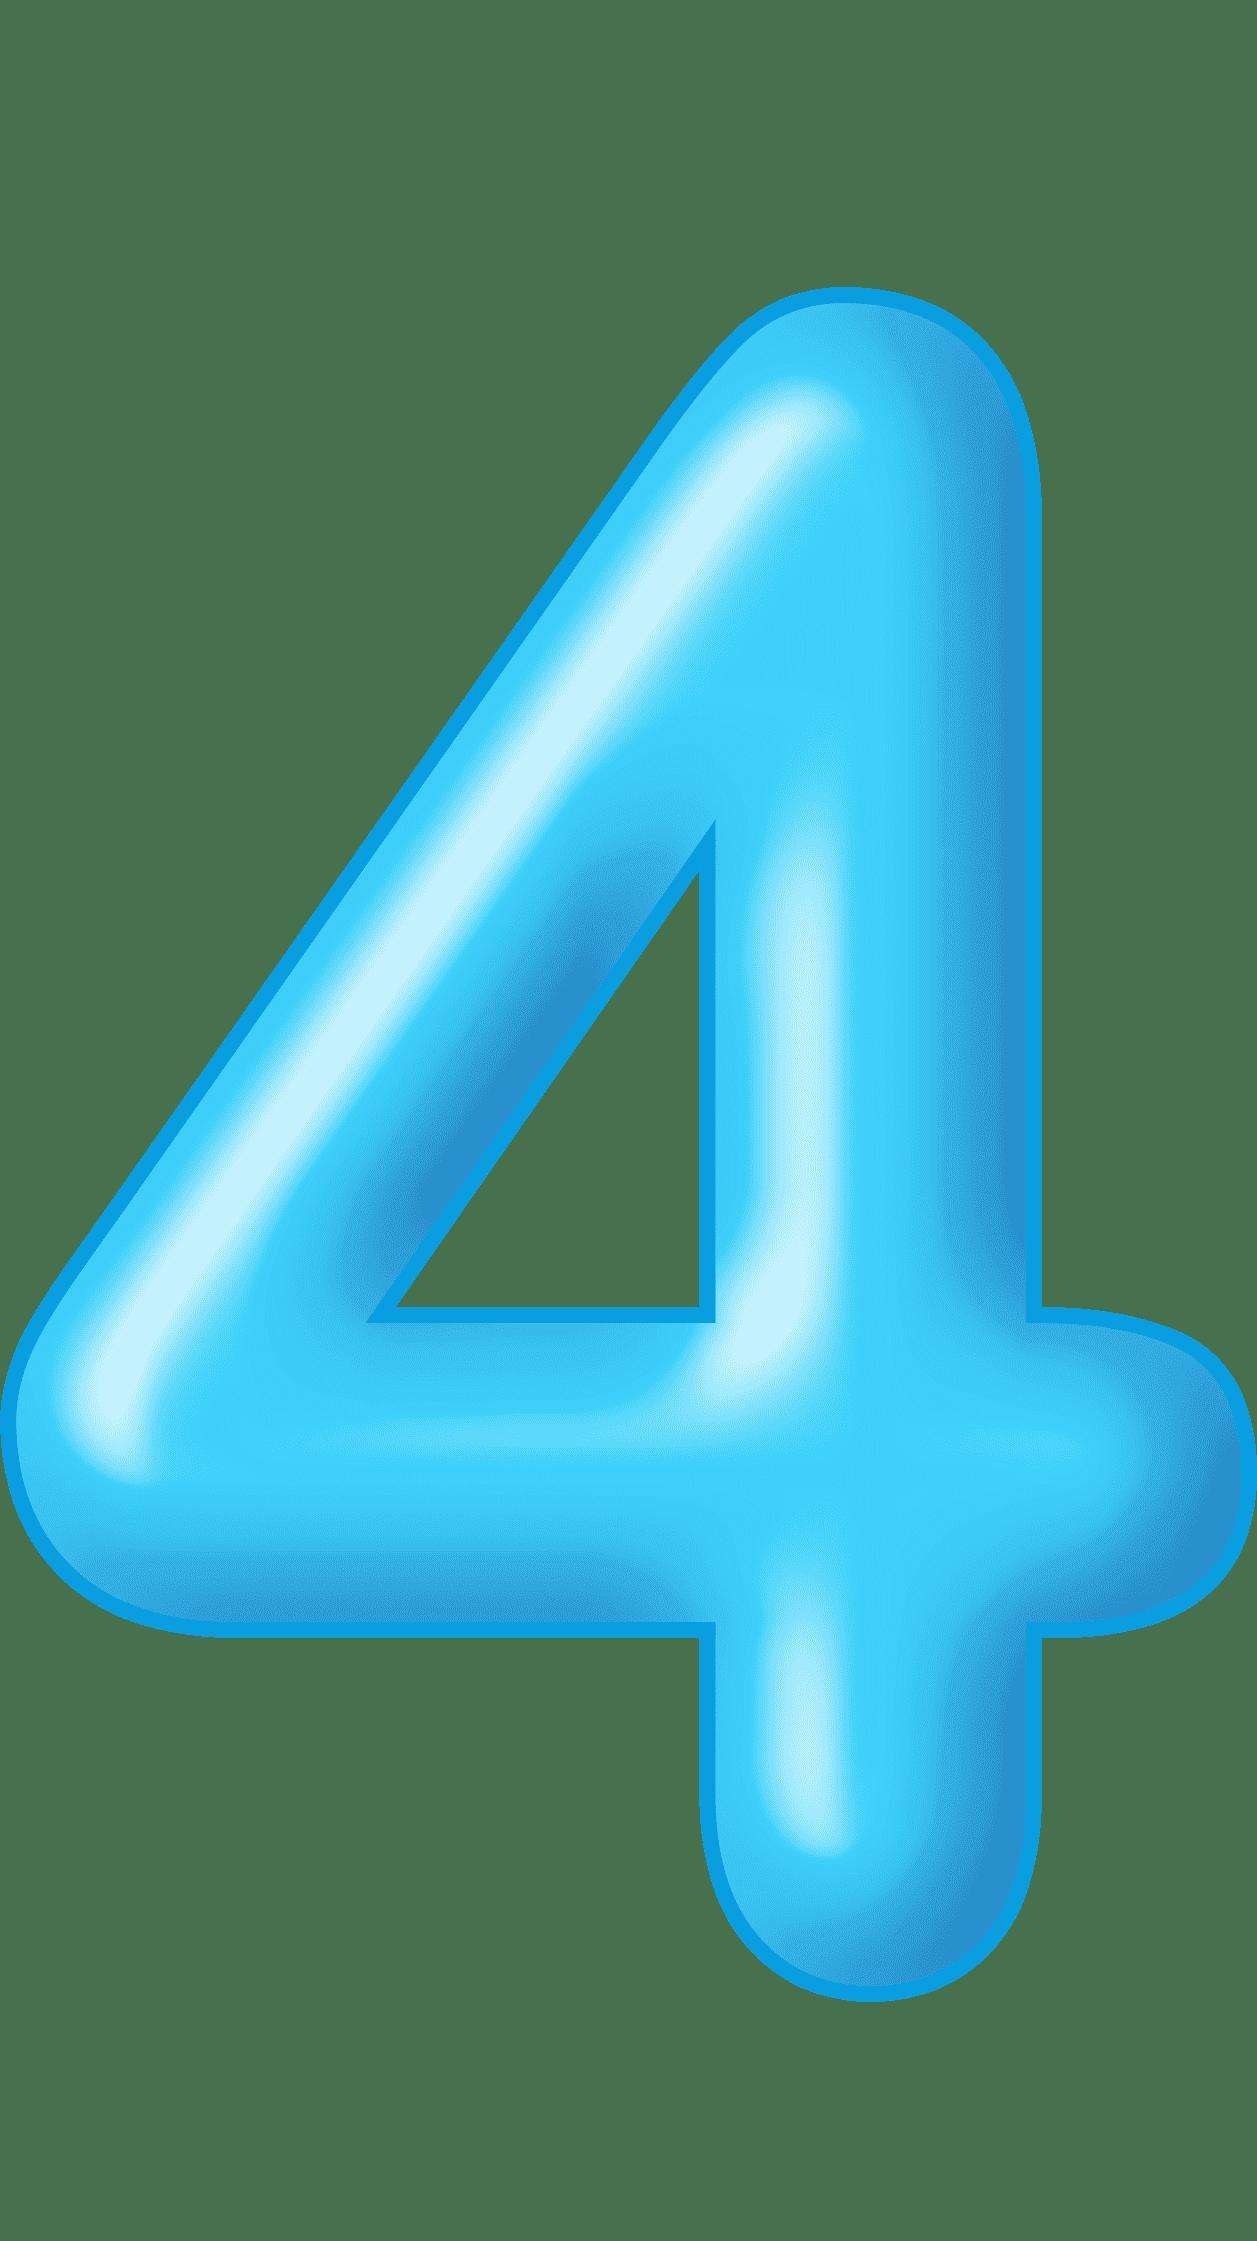 Раскраска цифра 4